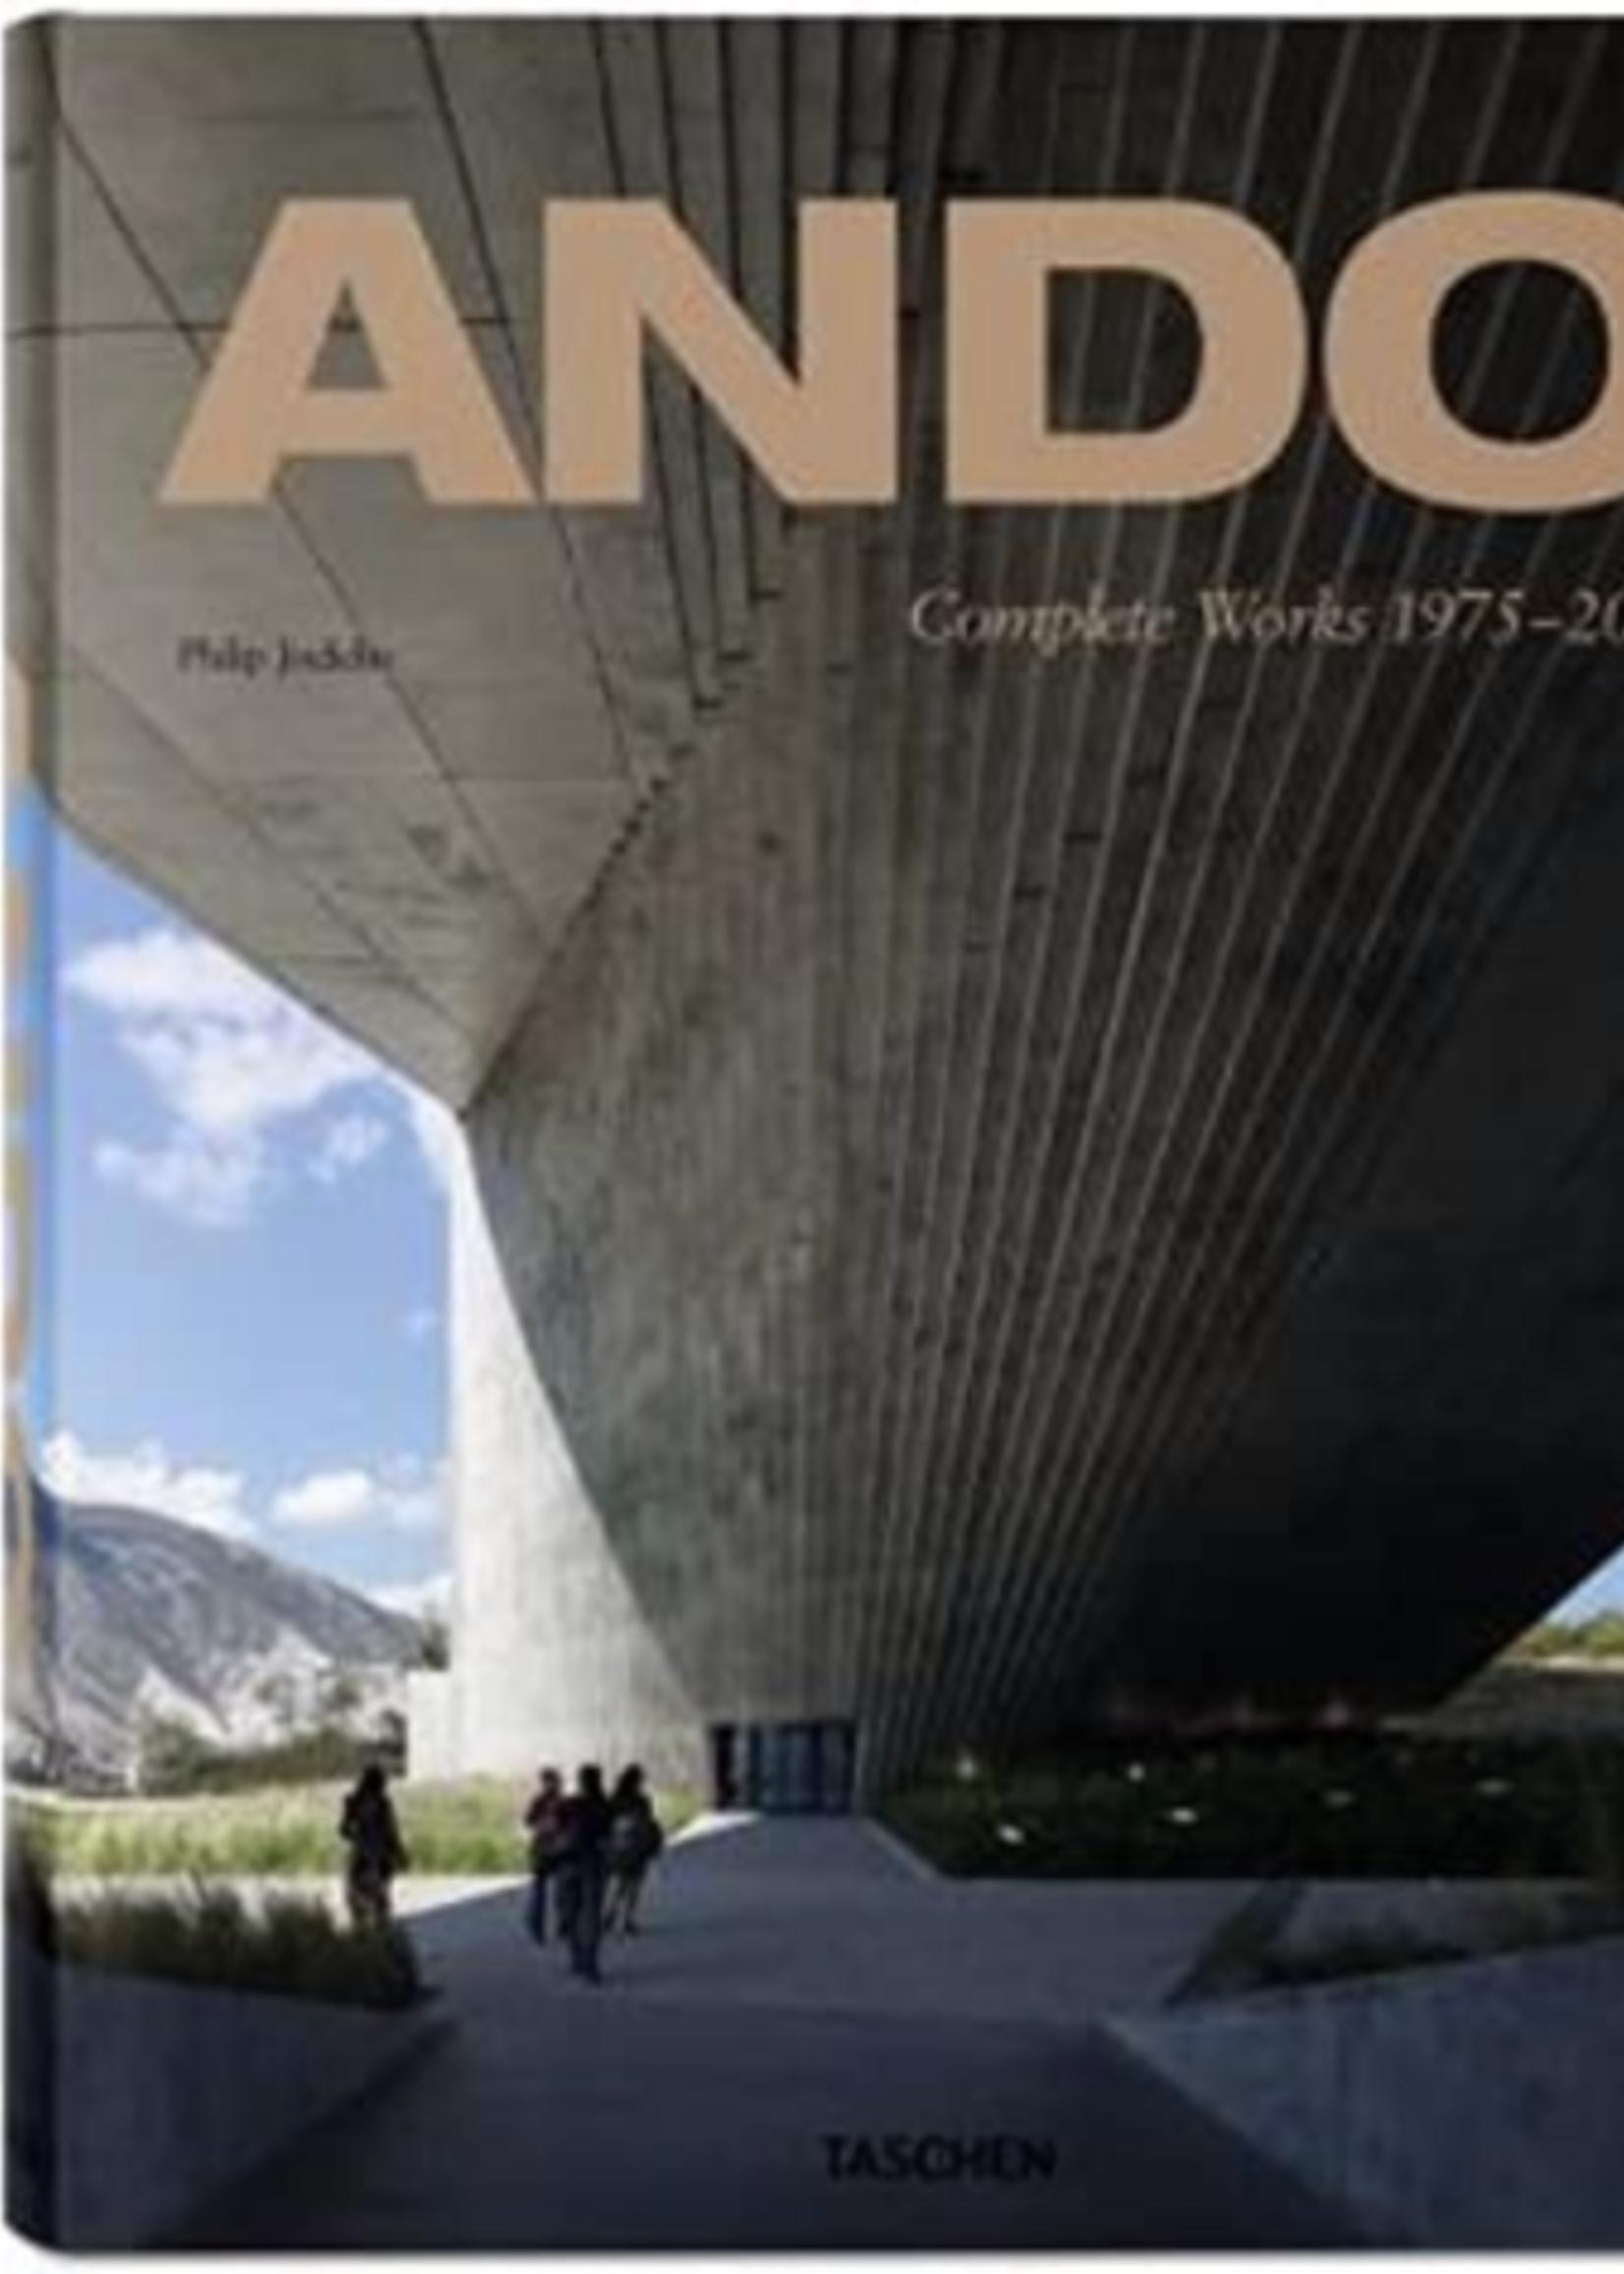 Taschen Taschen Ando: Complete Works